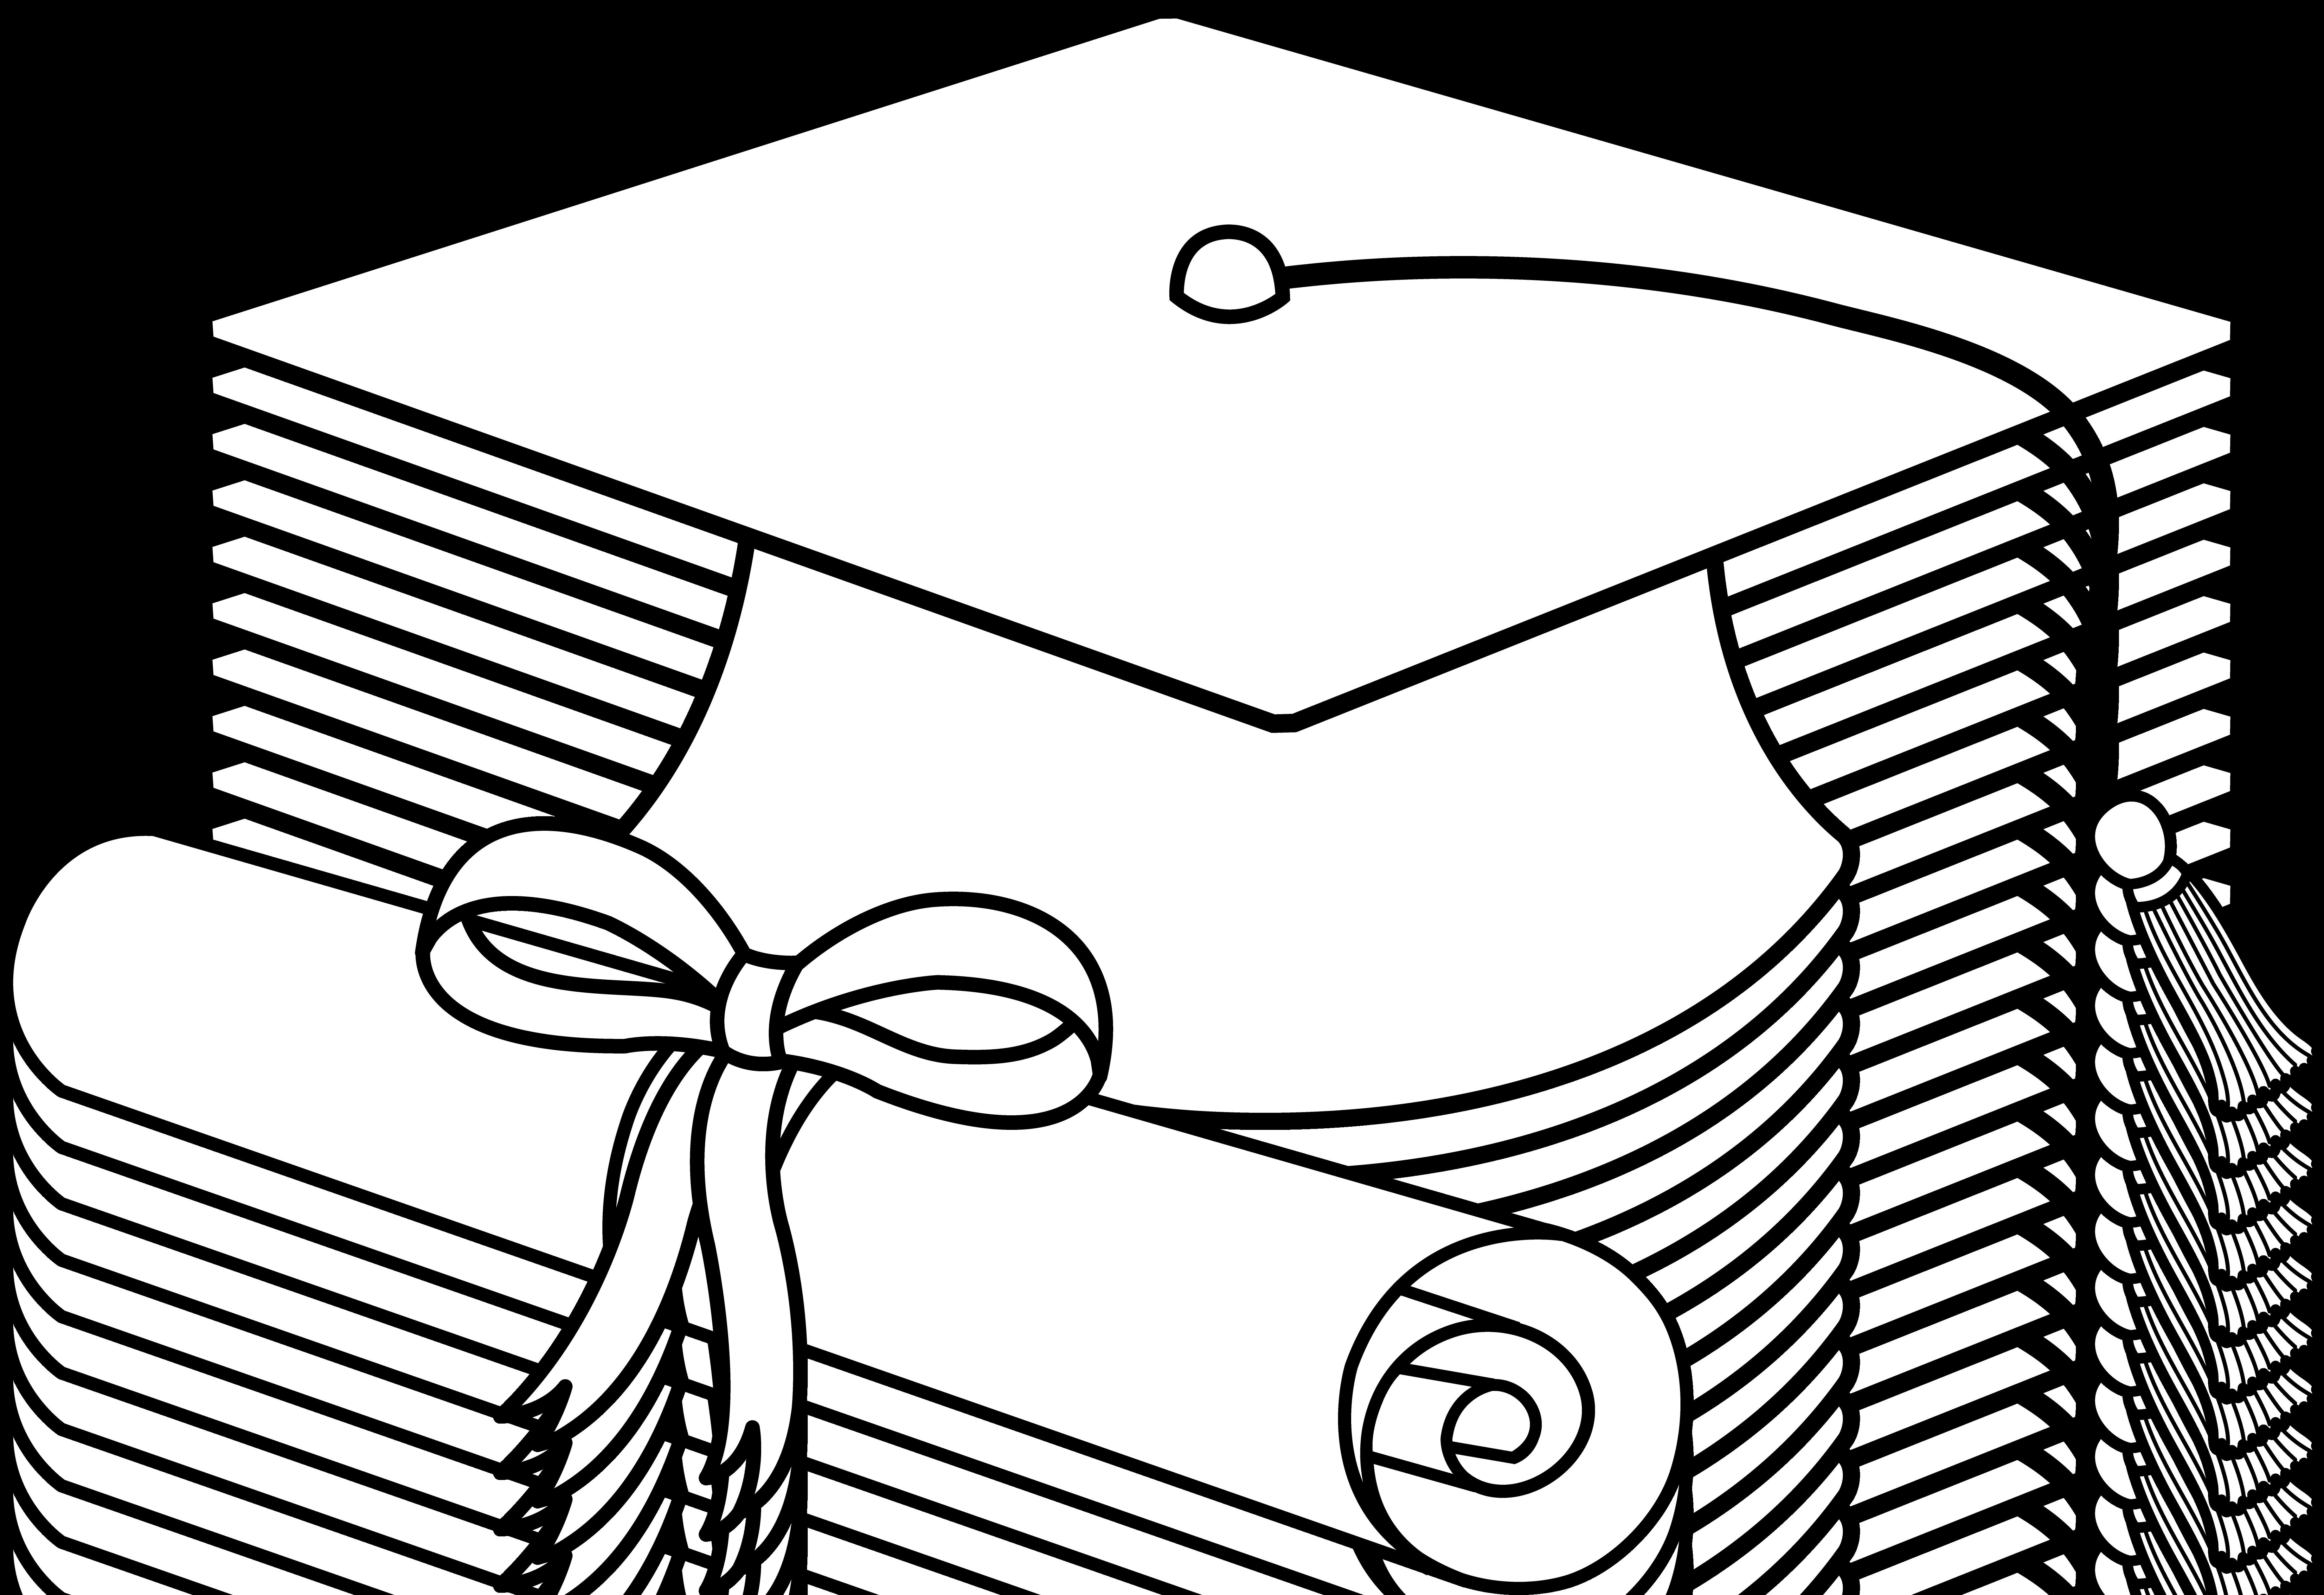 7334x5034 Top Of Graduation Cap Coloring Sheet